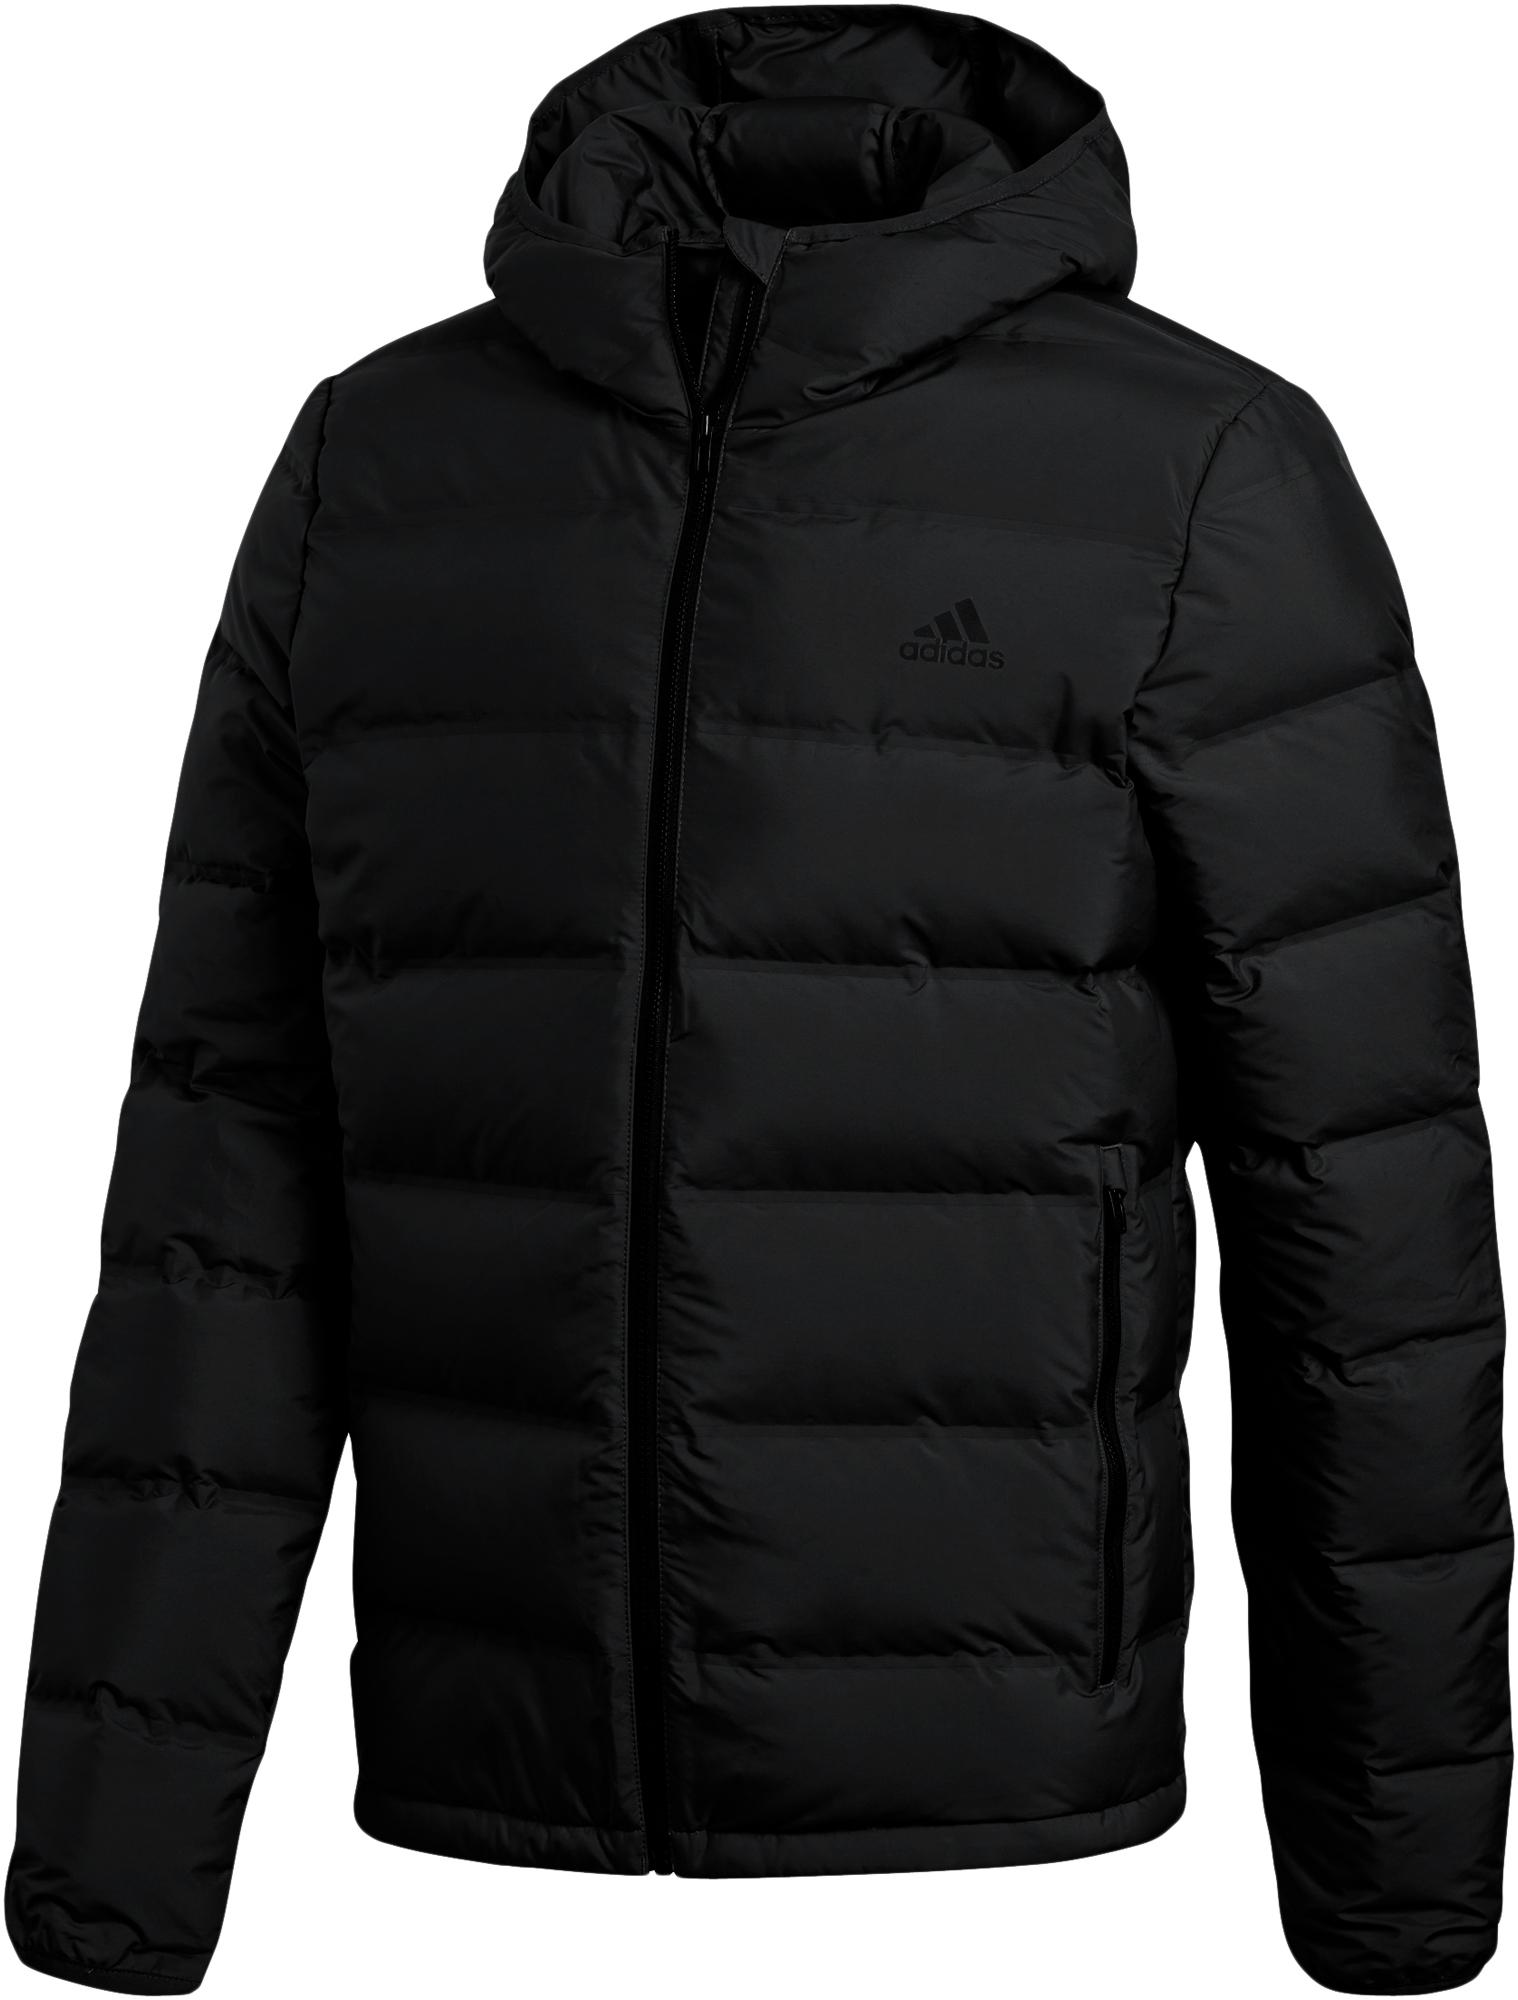 Adidas Куртка пуховая мужская Helionic Hooded, размер 62